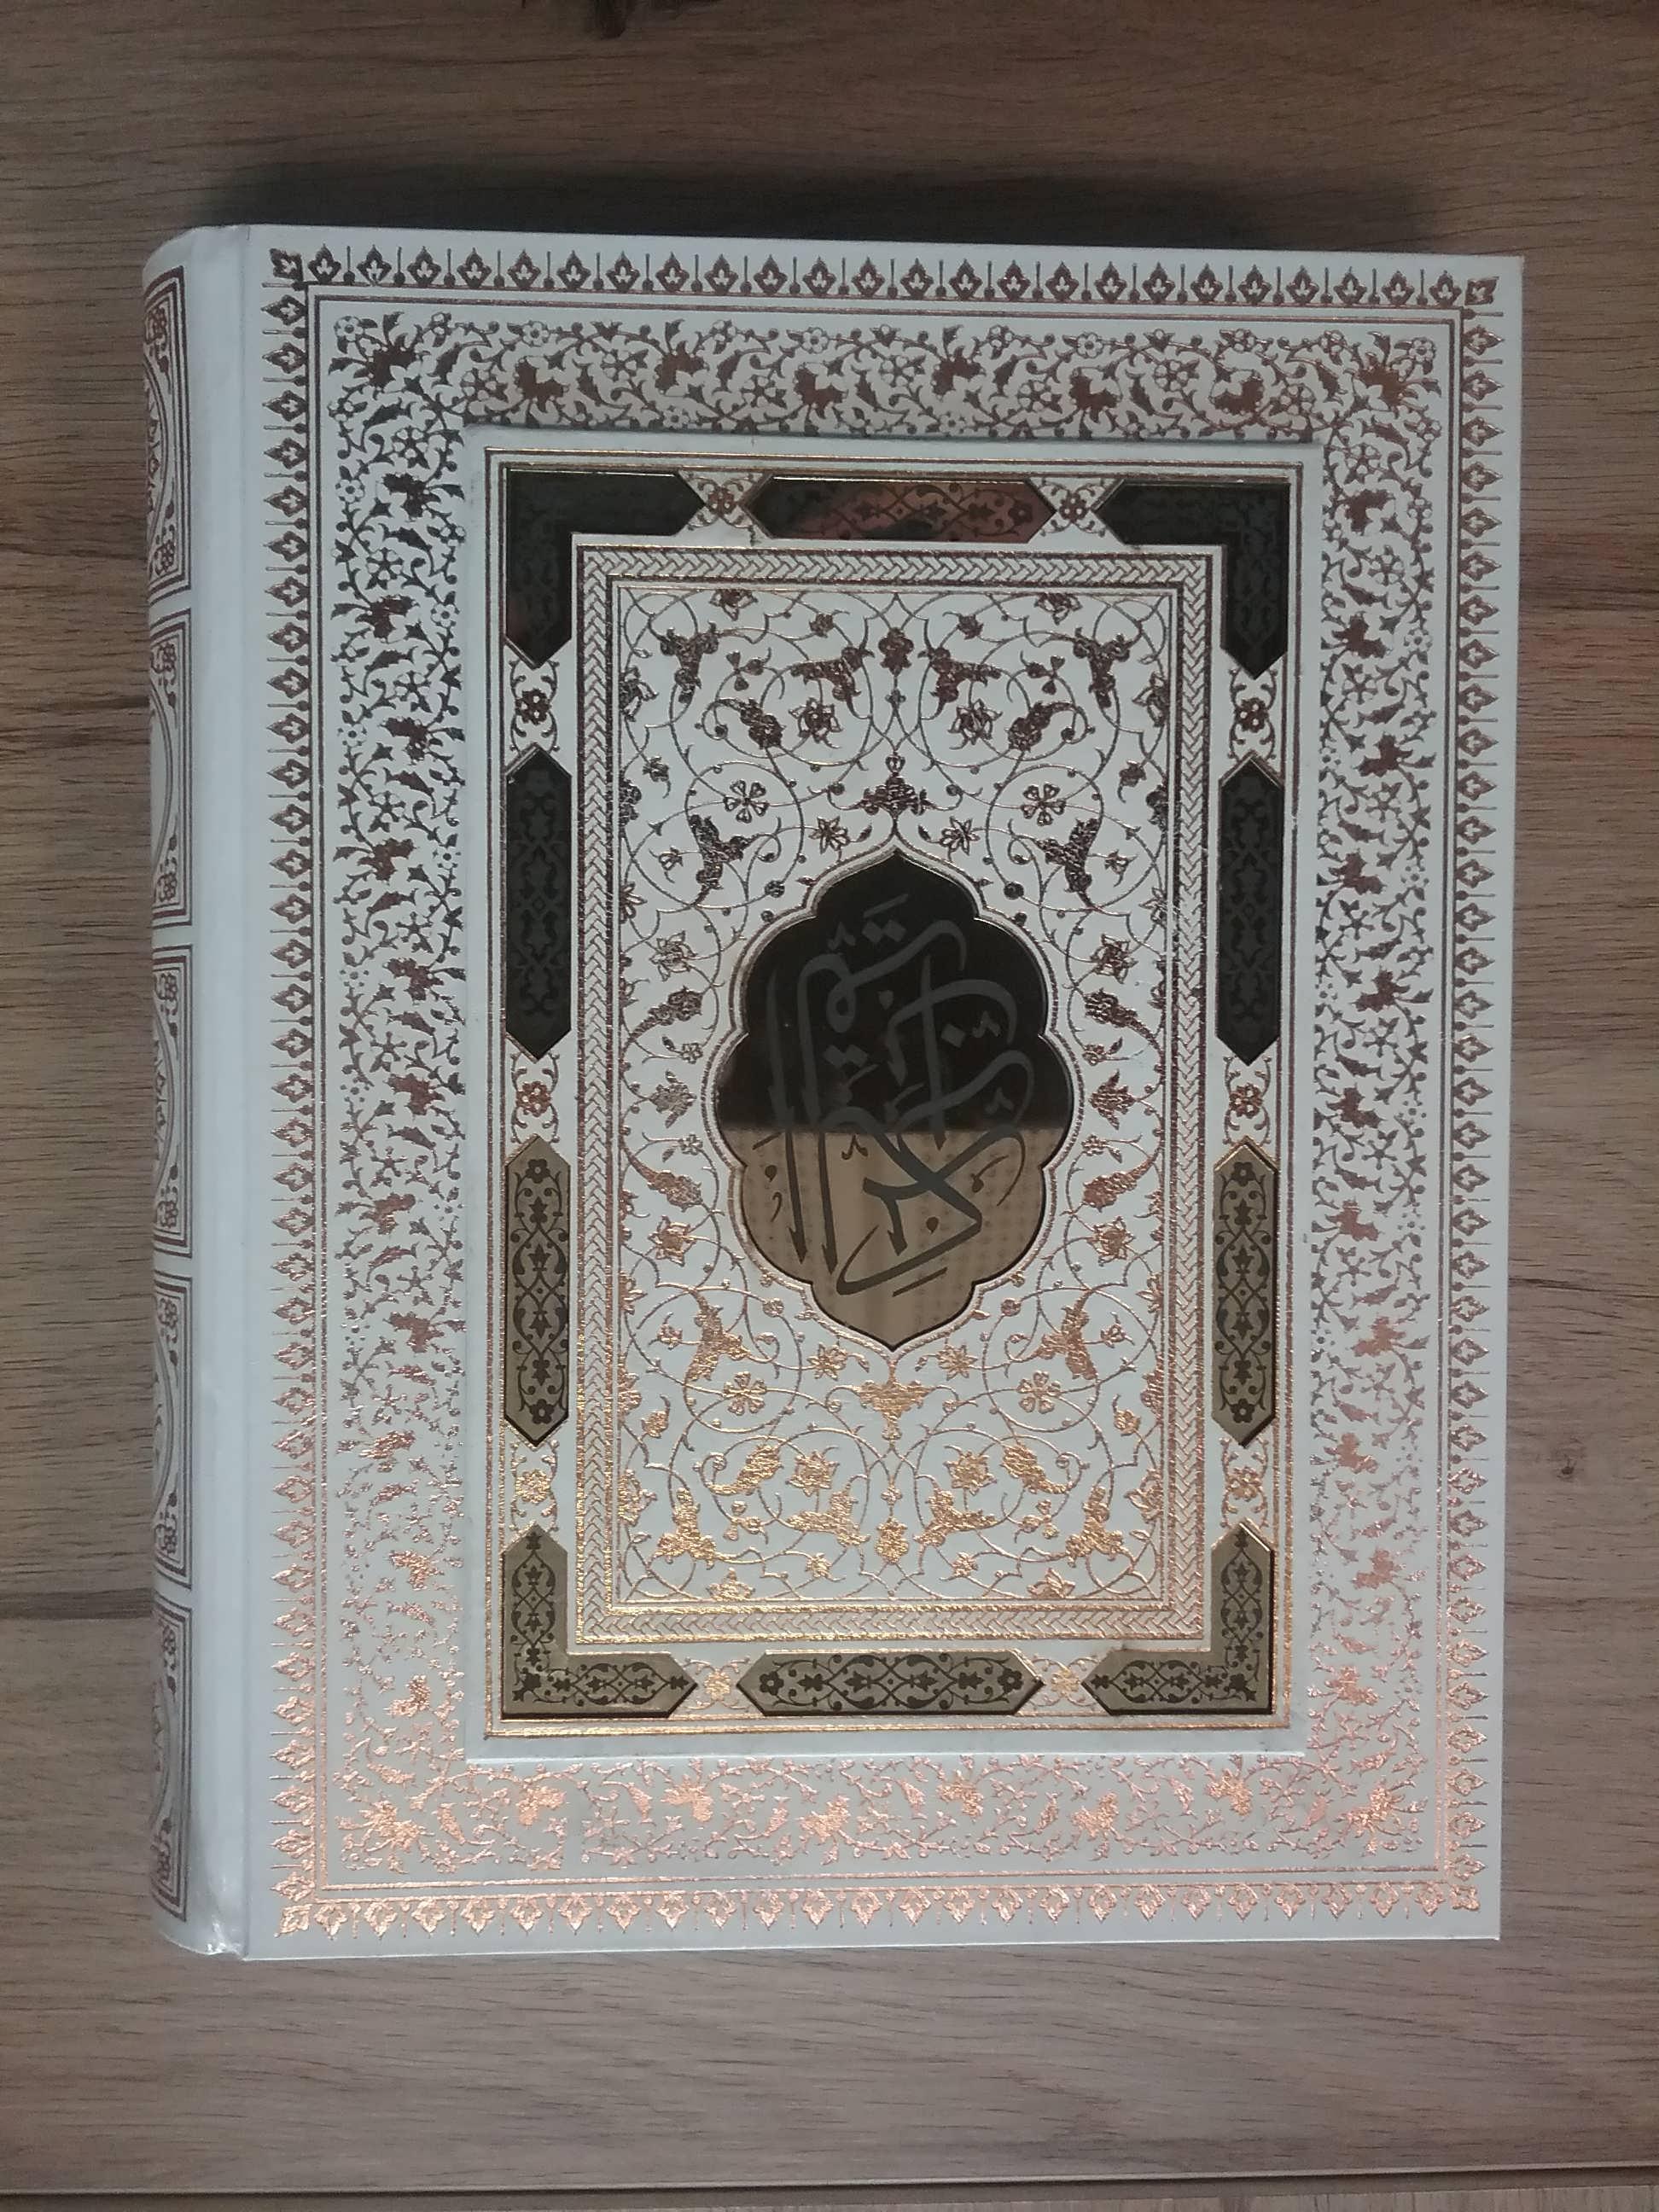 قرآن کریم عروس،همراه با رویدادهای مهم زندگی (سه لتی،باجعبه)